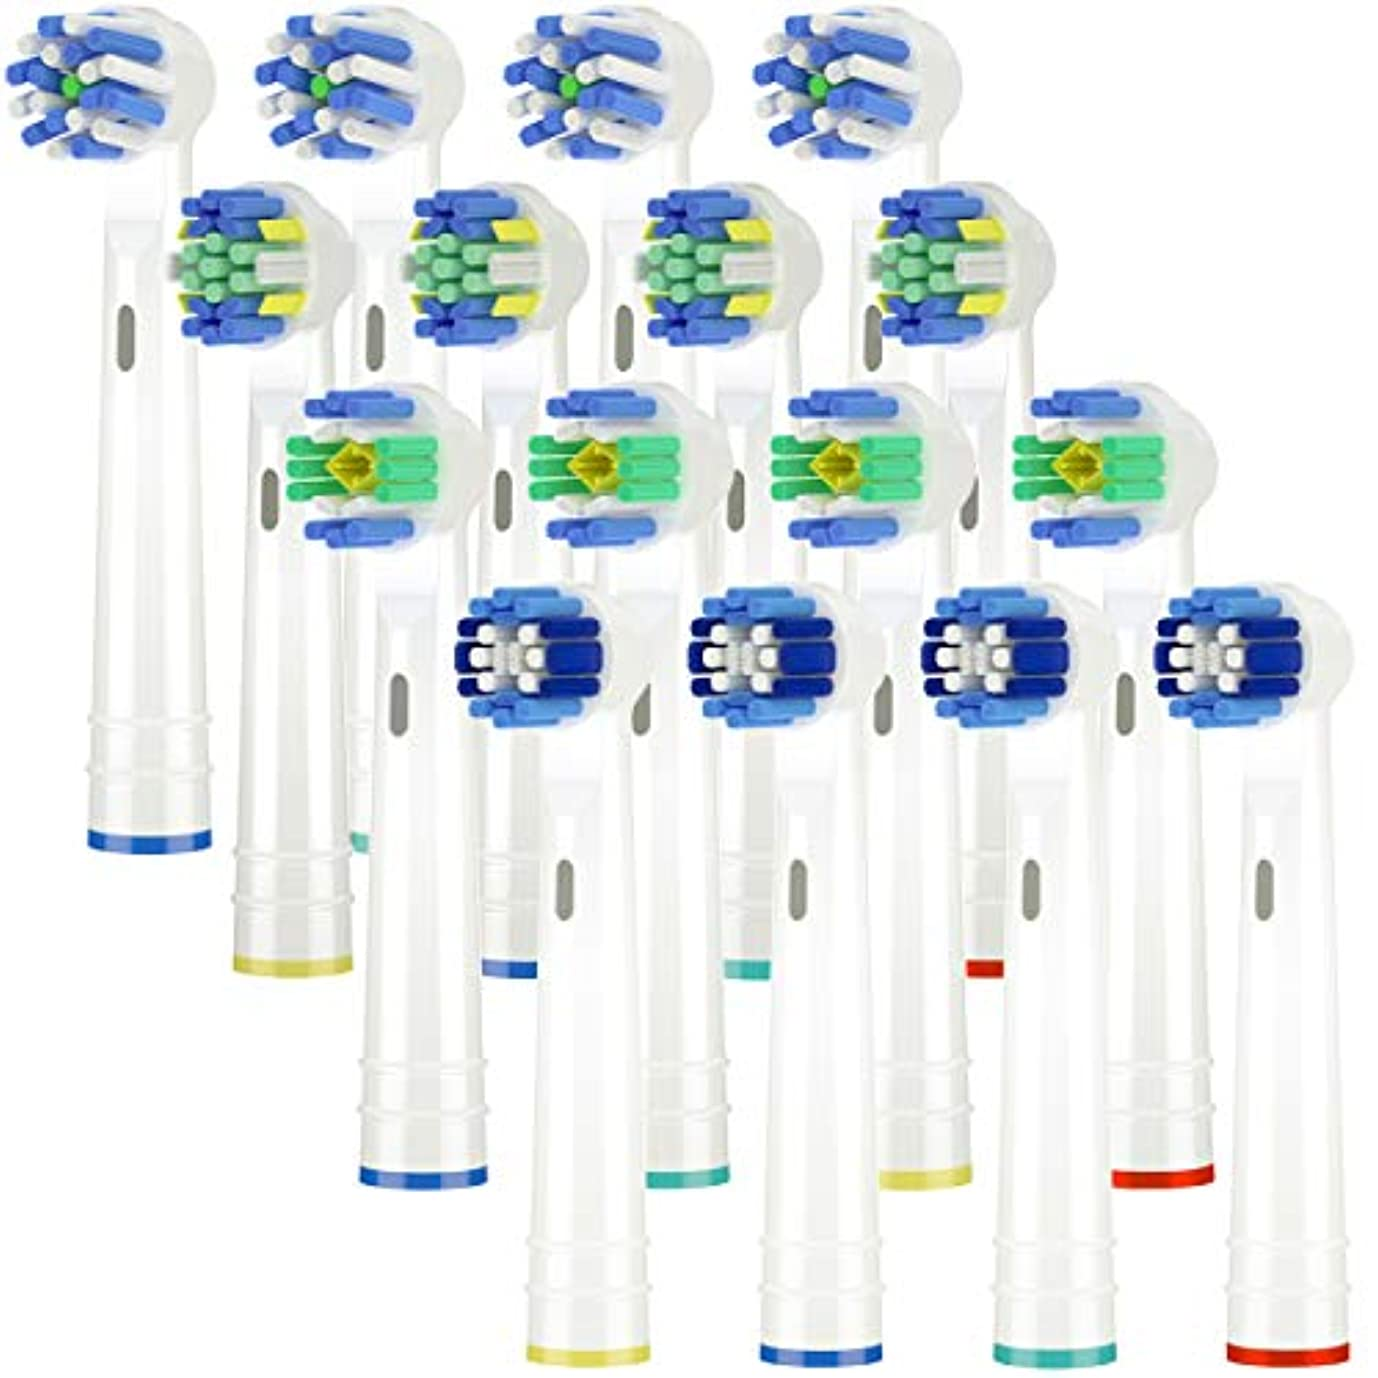 化学薬品ロードハウス興奮Itechnik 電動歯ブラシ 替えブラシ ブラウン オーラルB 対応 替えブラシ 4種類が入り:ホワイトニングブラシ 、ベーシックブラシ、歯間ワイパー付きブラシ、マルチアクションブラシ 凡用な16本